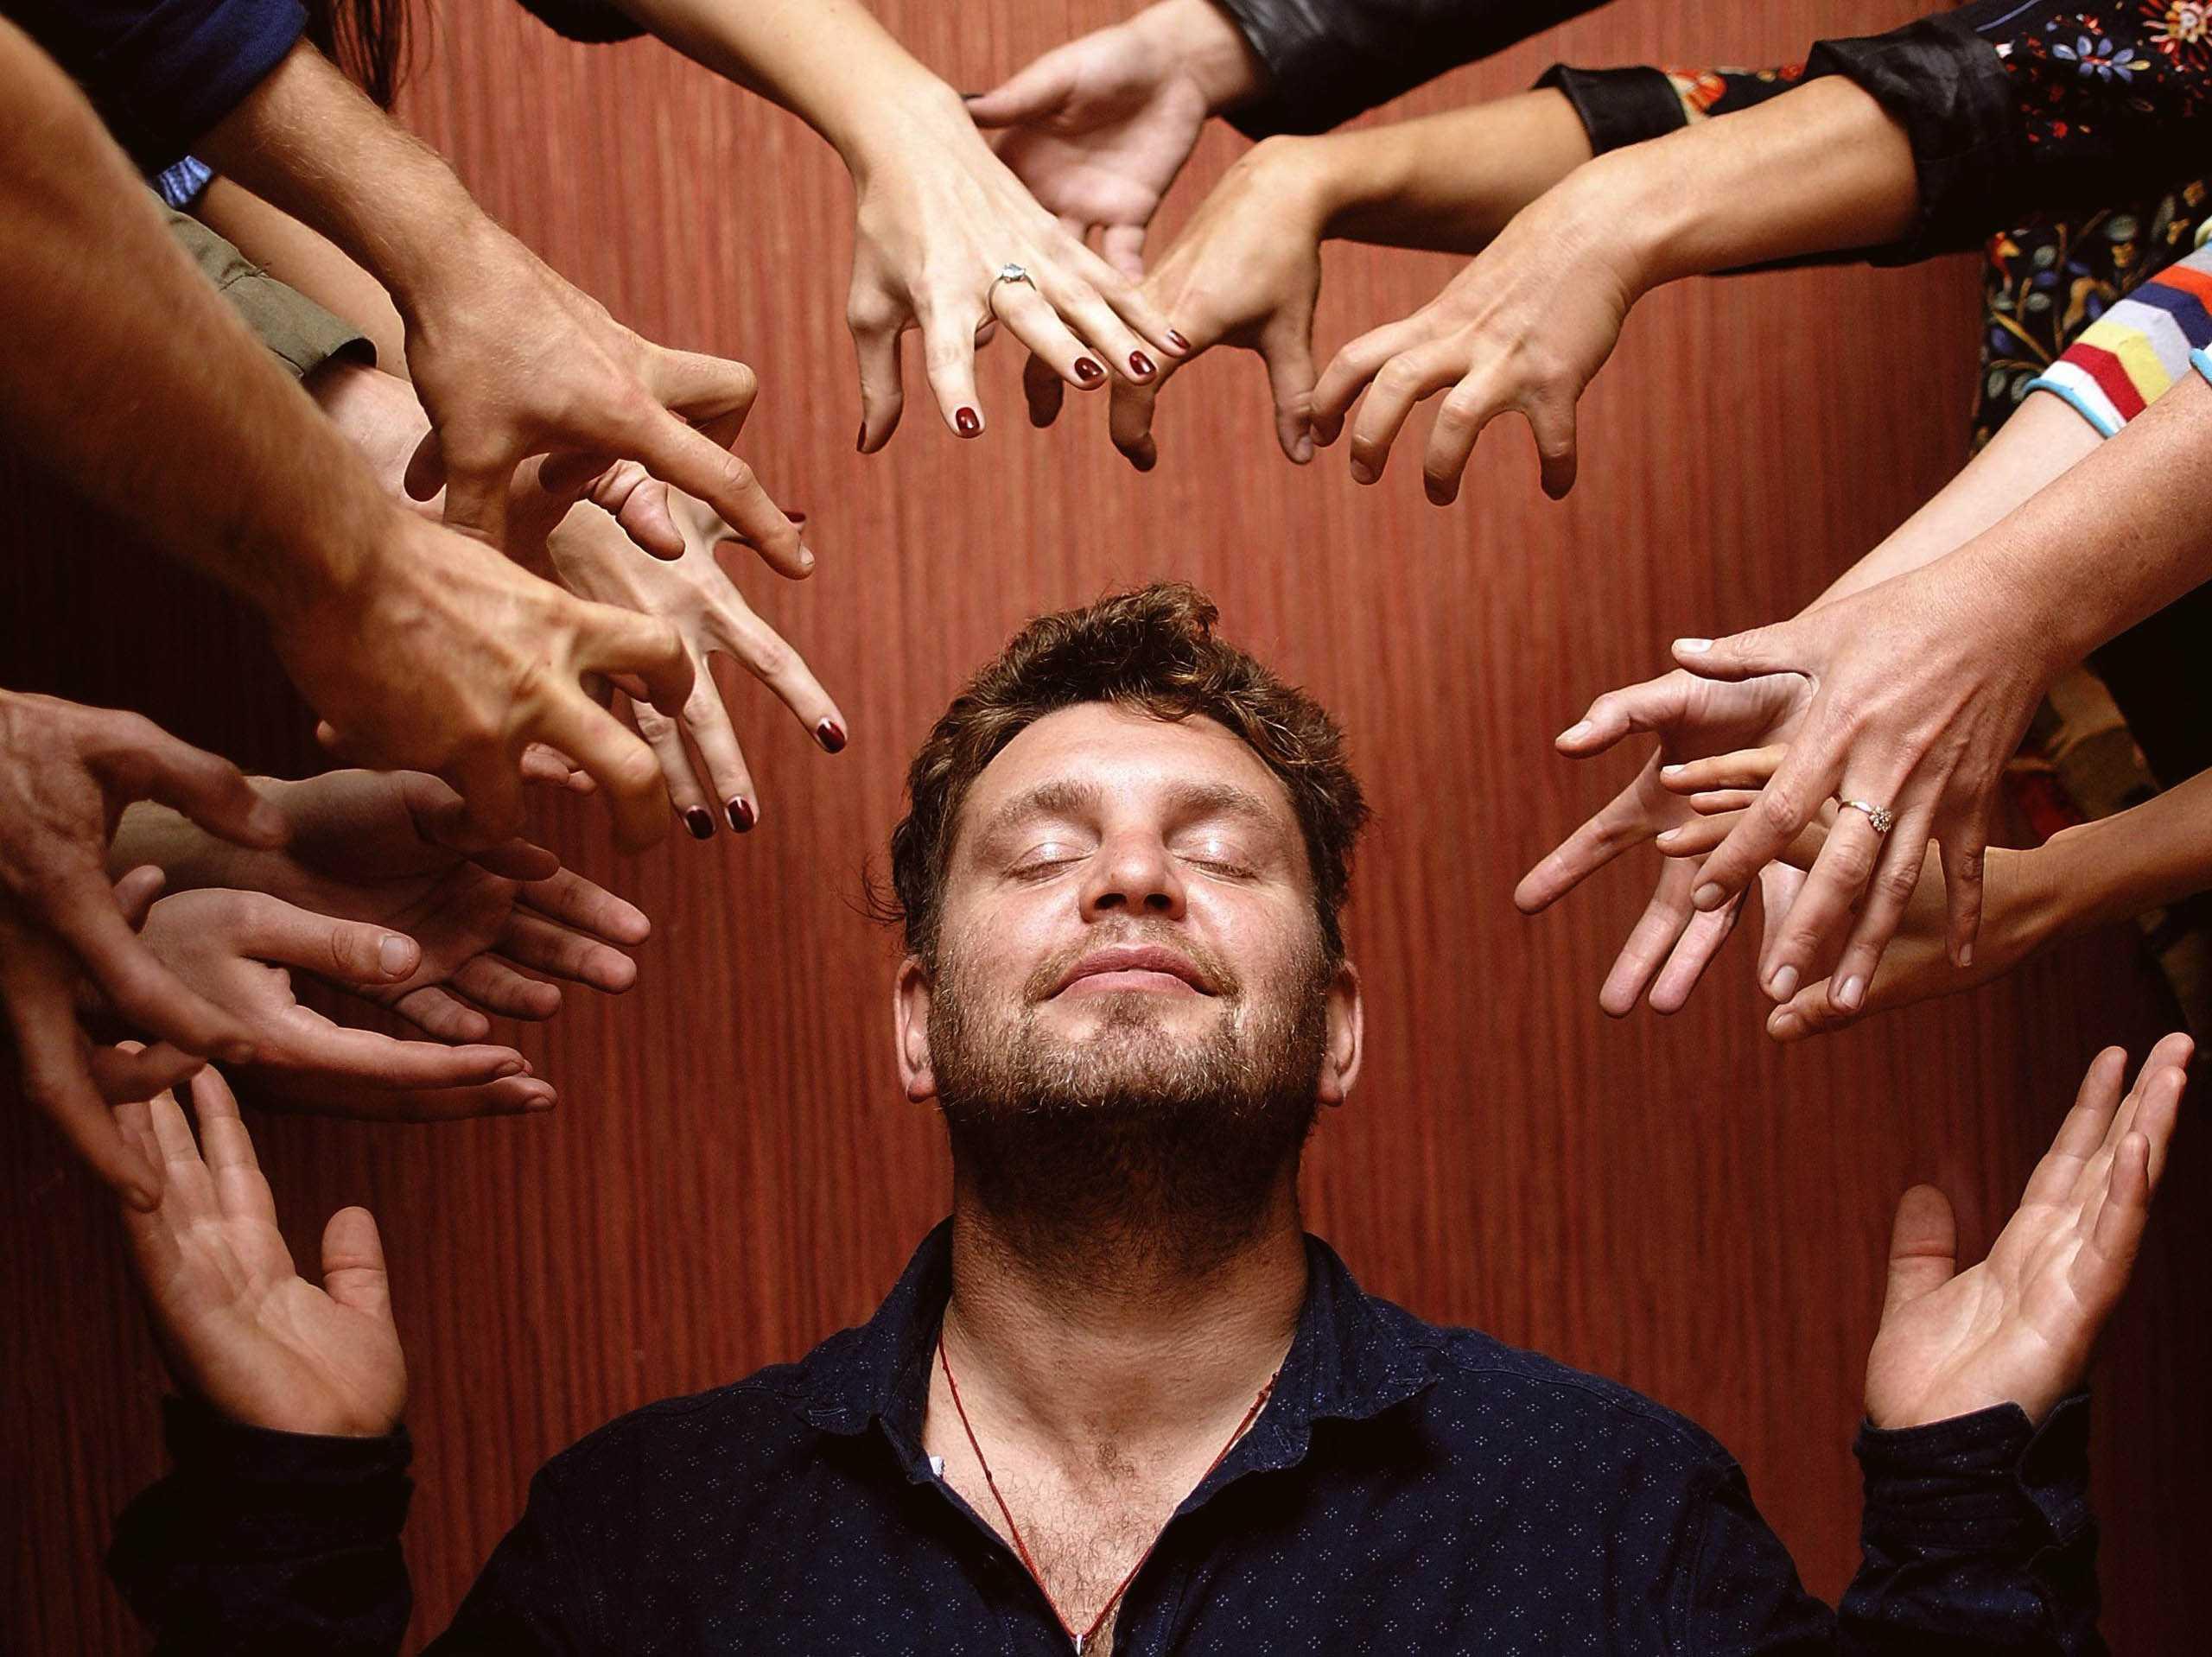 Михаил Пайкин — эксперт в построении (и разрушении☺) гармоничных отношений